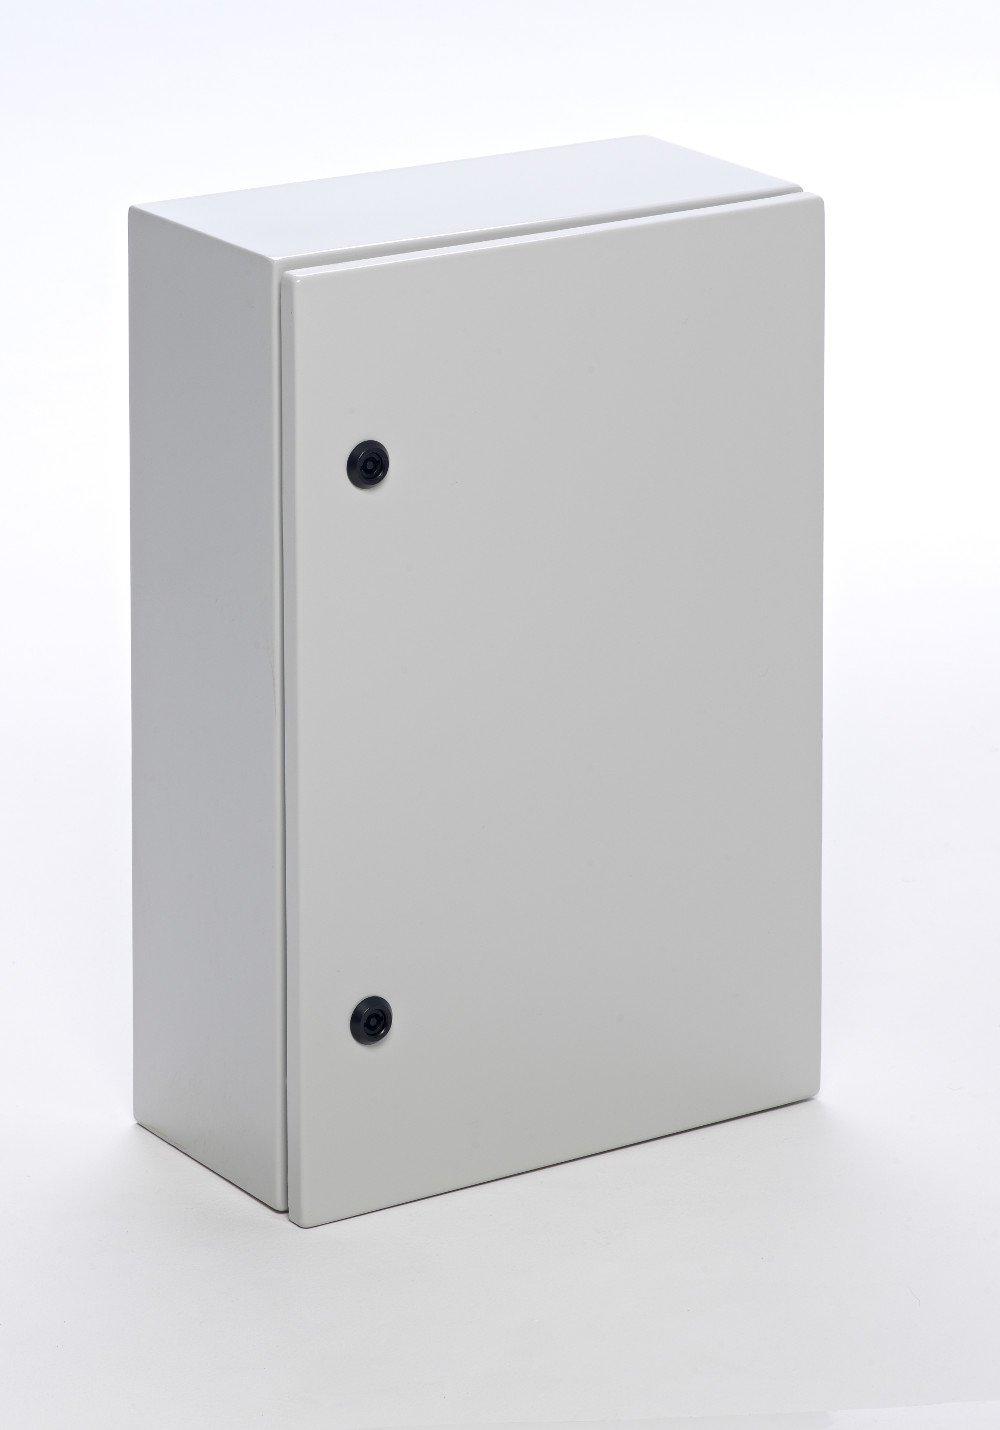 Contactum 47-sb403020uk7035d Service Box, 400x 300x 200